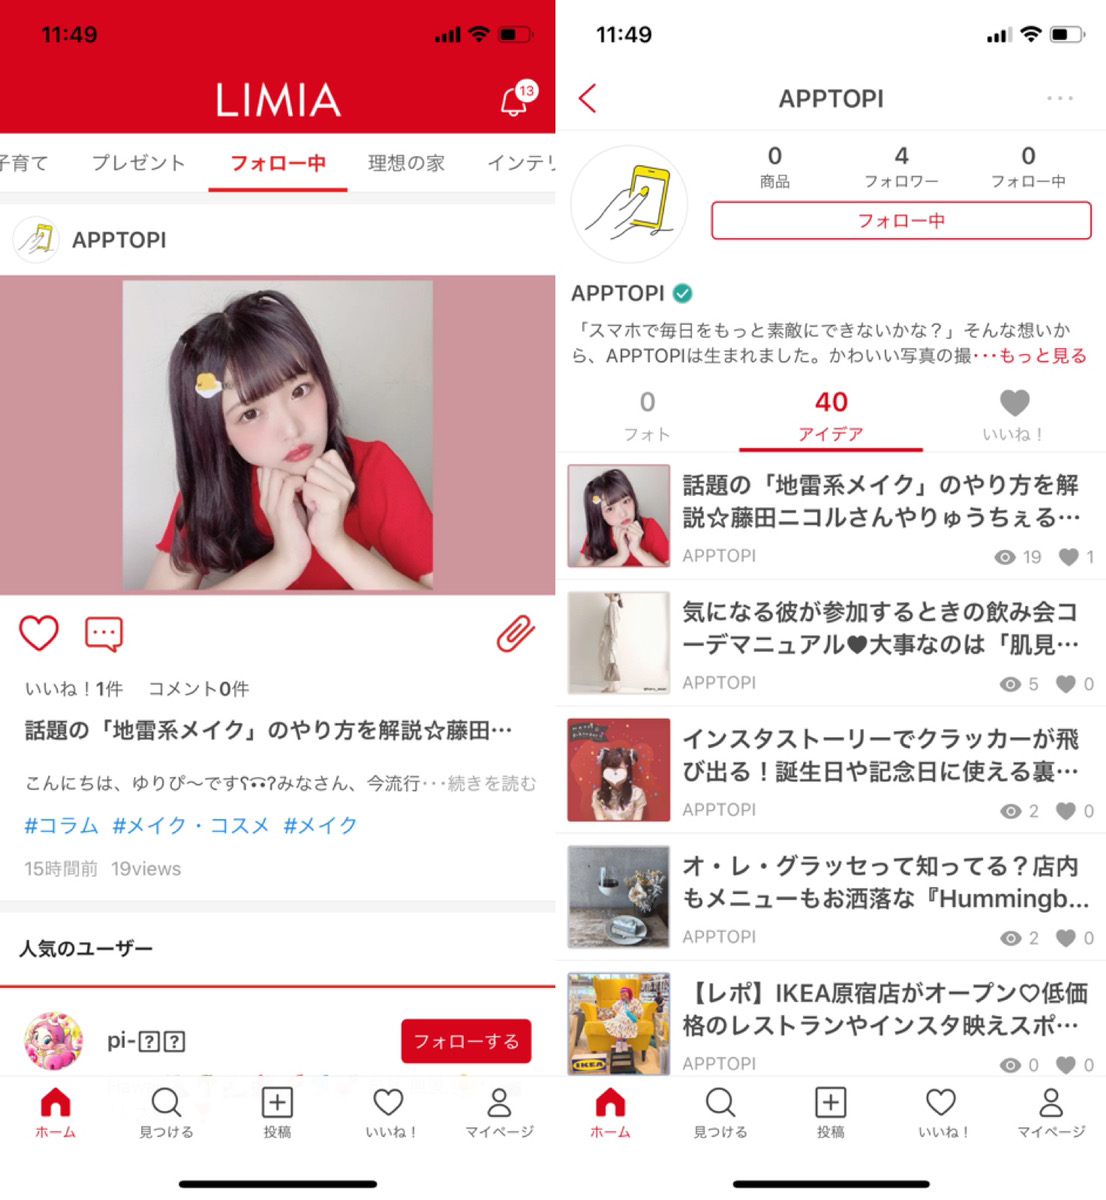 LIMIAのAPPTOPI掲載画面